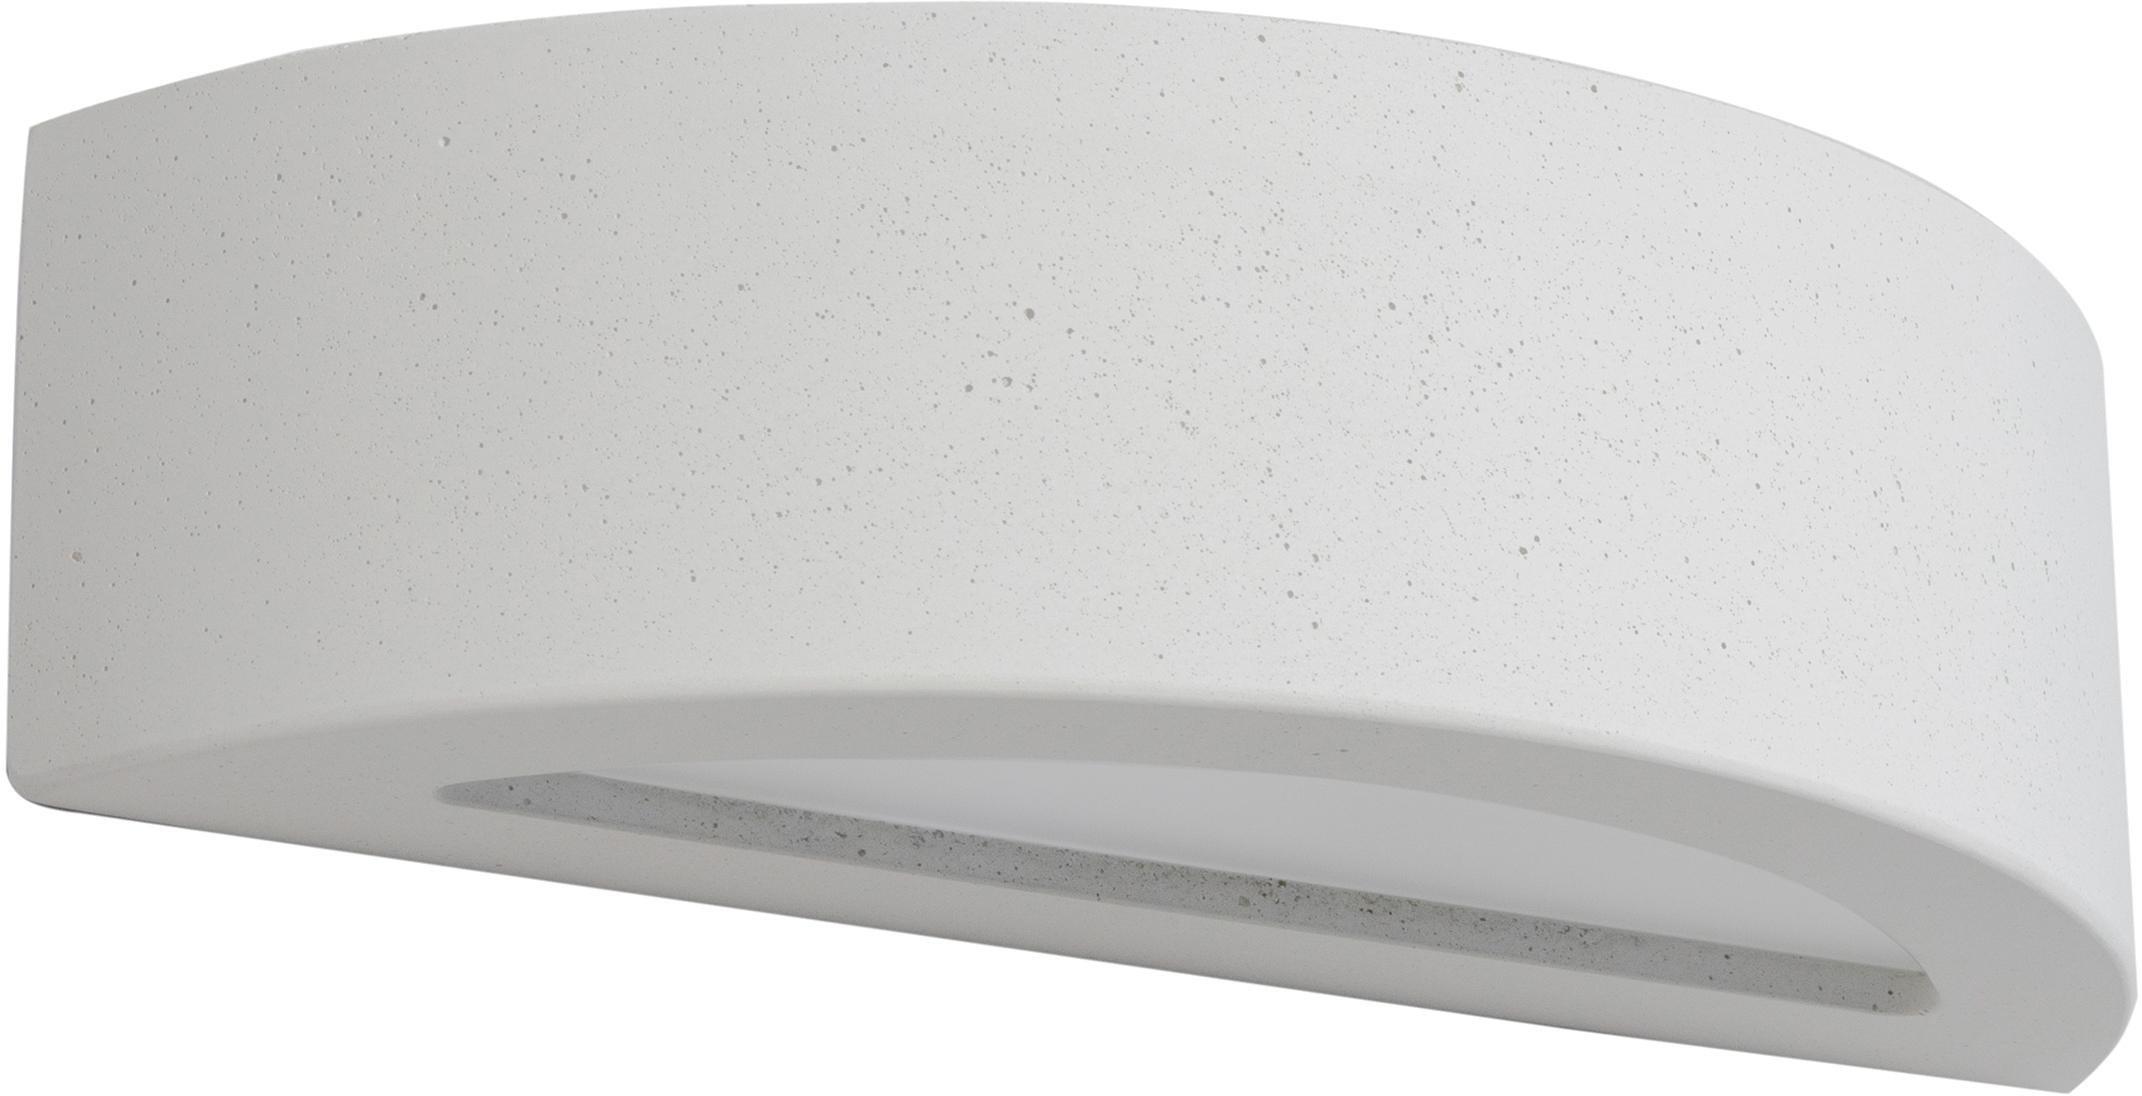 Spot Light wandlamp bij OTTO online kopen